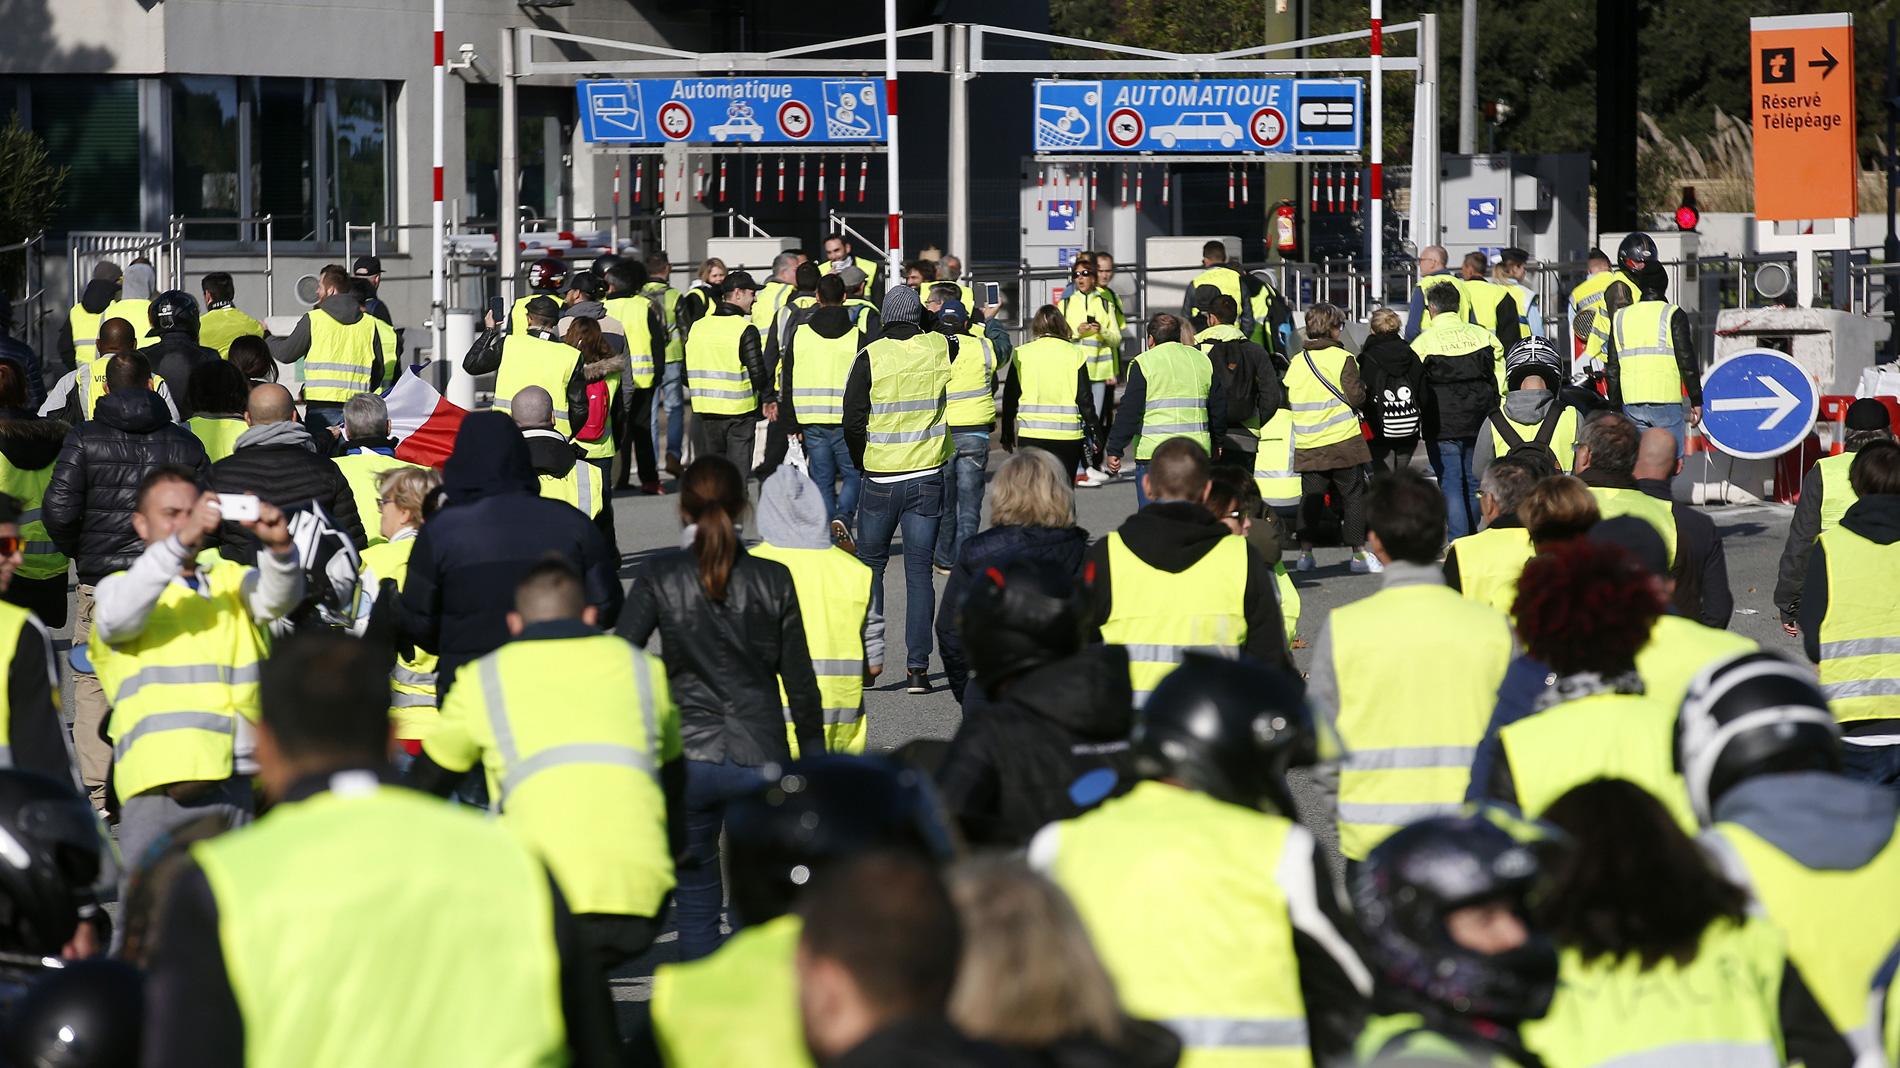 Las protestas por el alza de los carburantes en Francia se saldan con una mujer muerta y un centenar de heridos